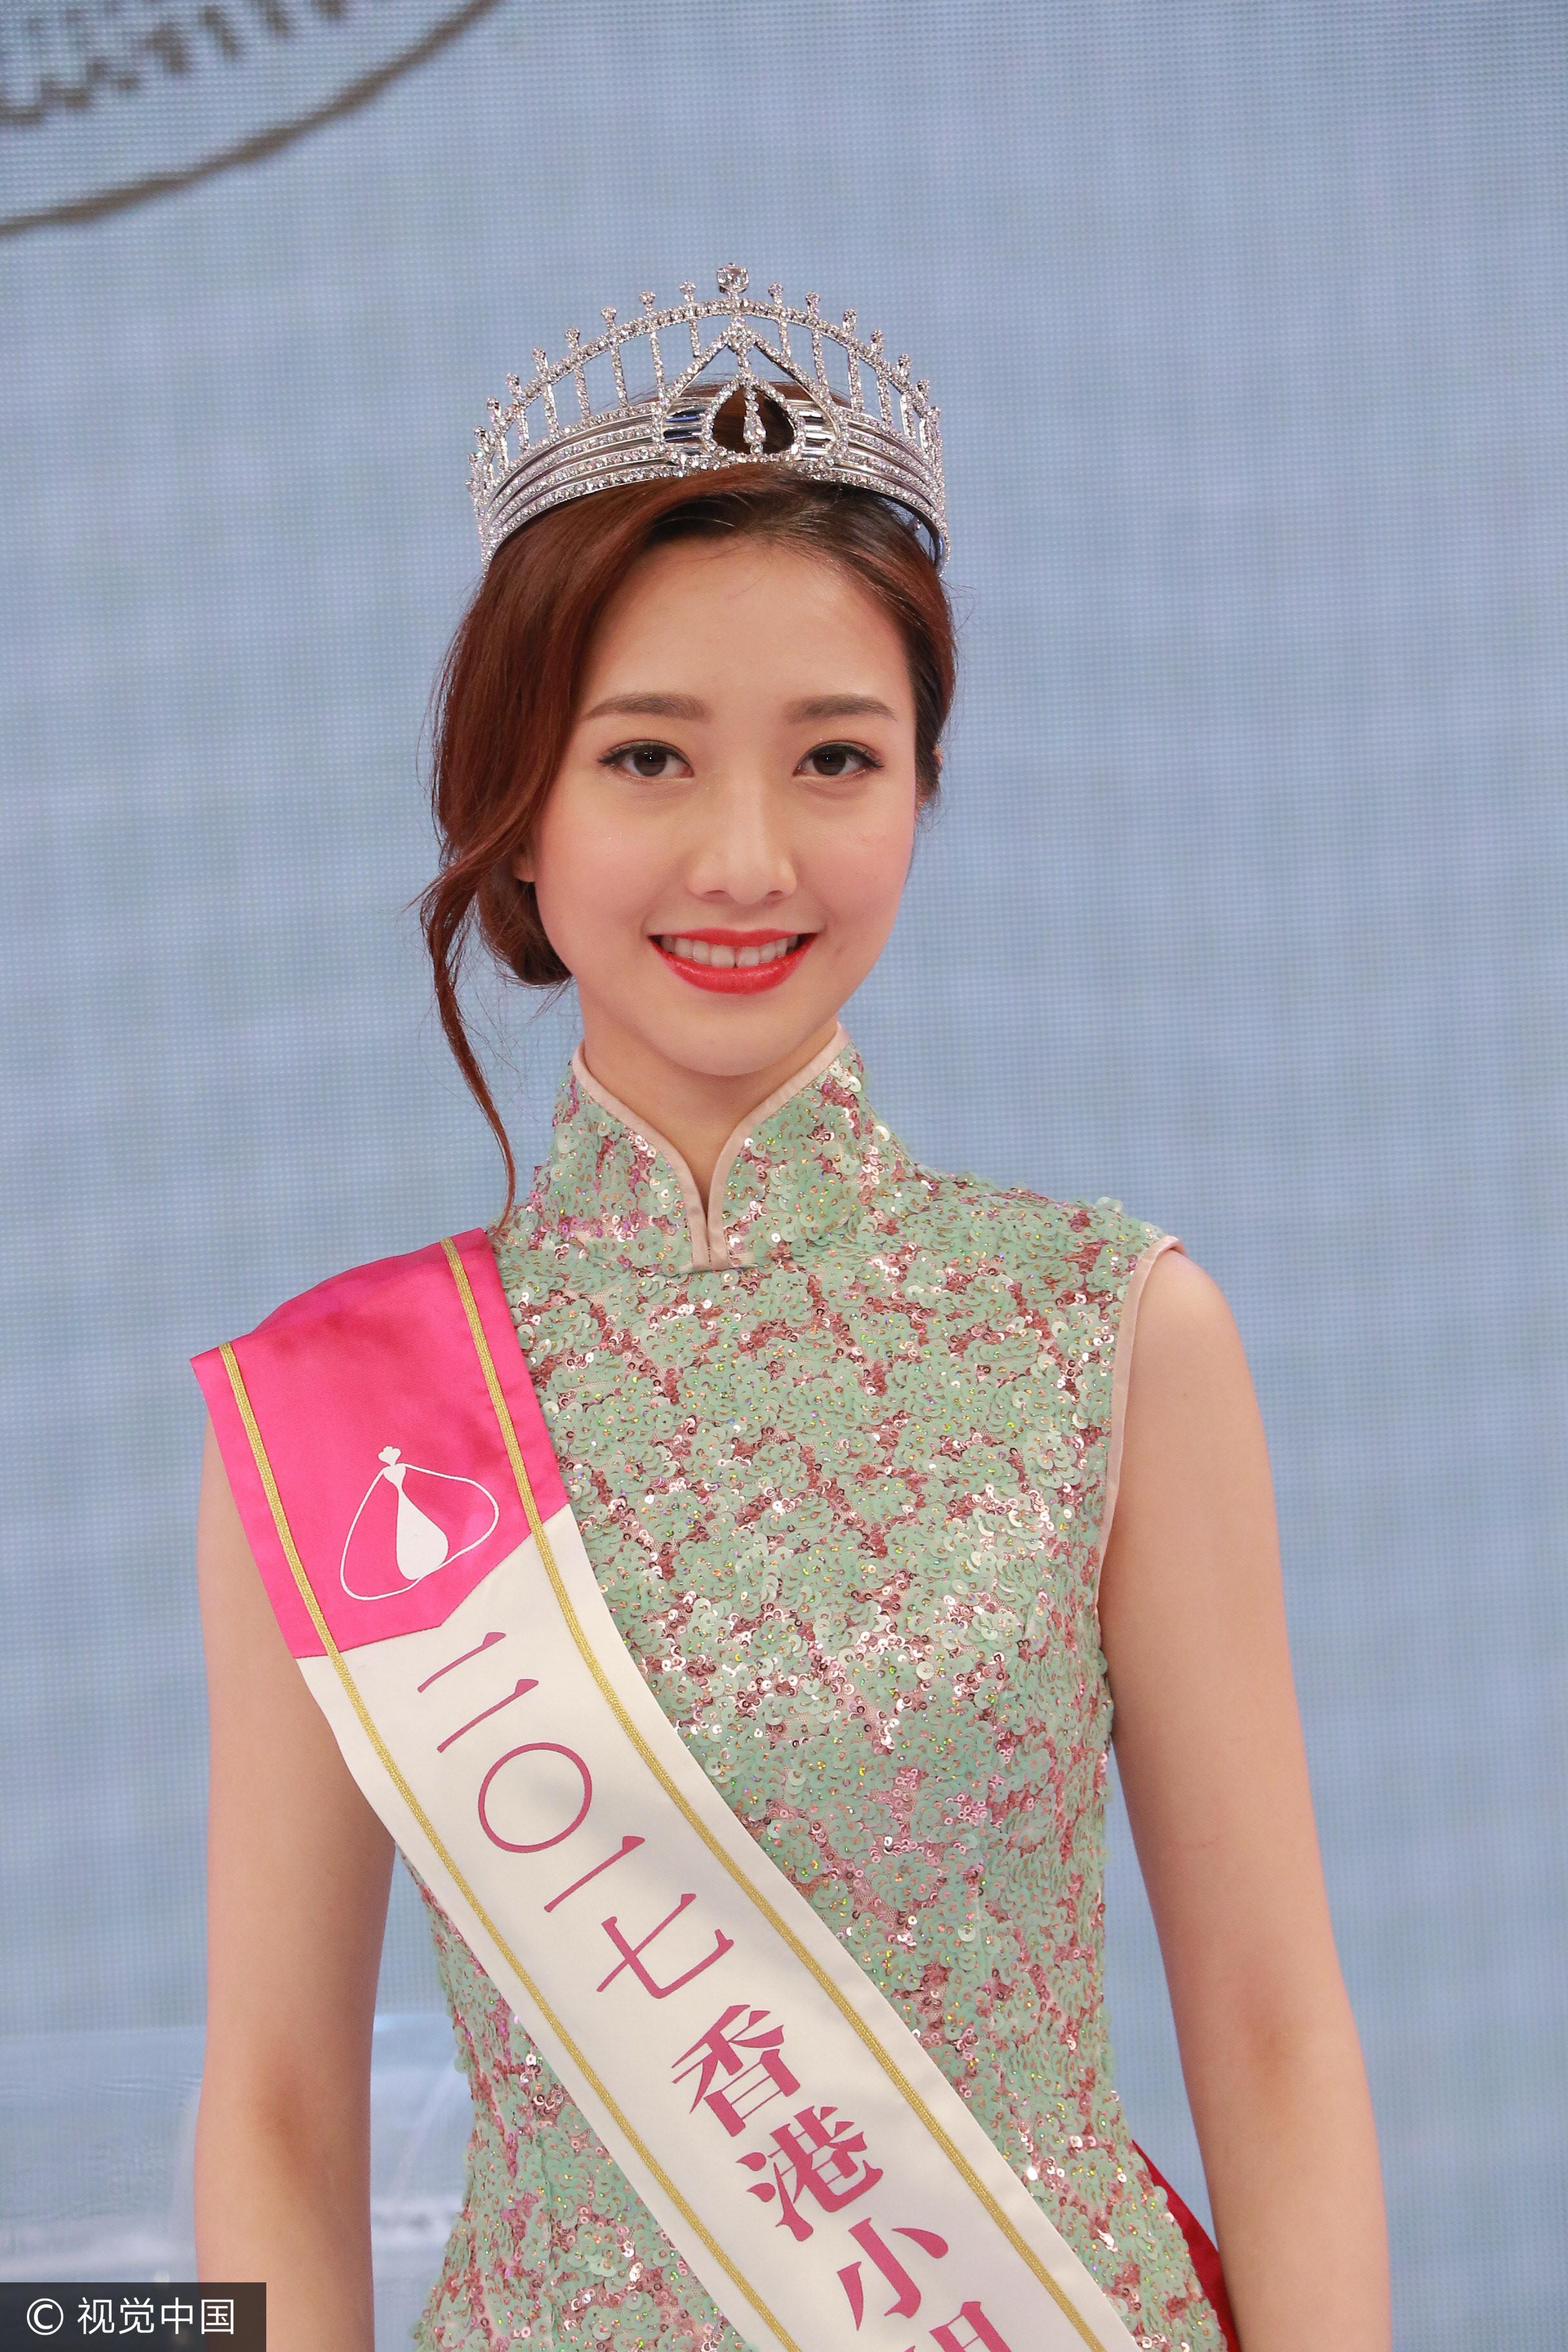 香港小姐出爐!但網友推亞軍最正…「冠軍一定有個富爸爸」(圖/視覺中國)